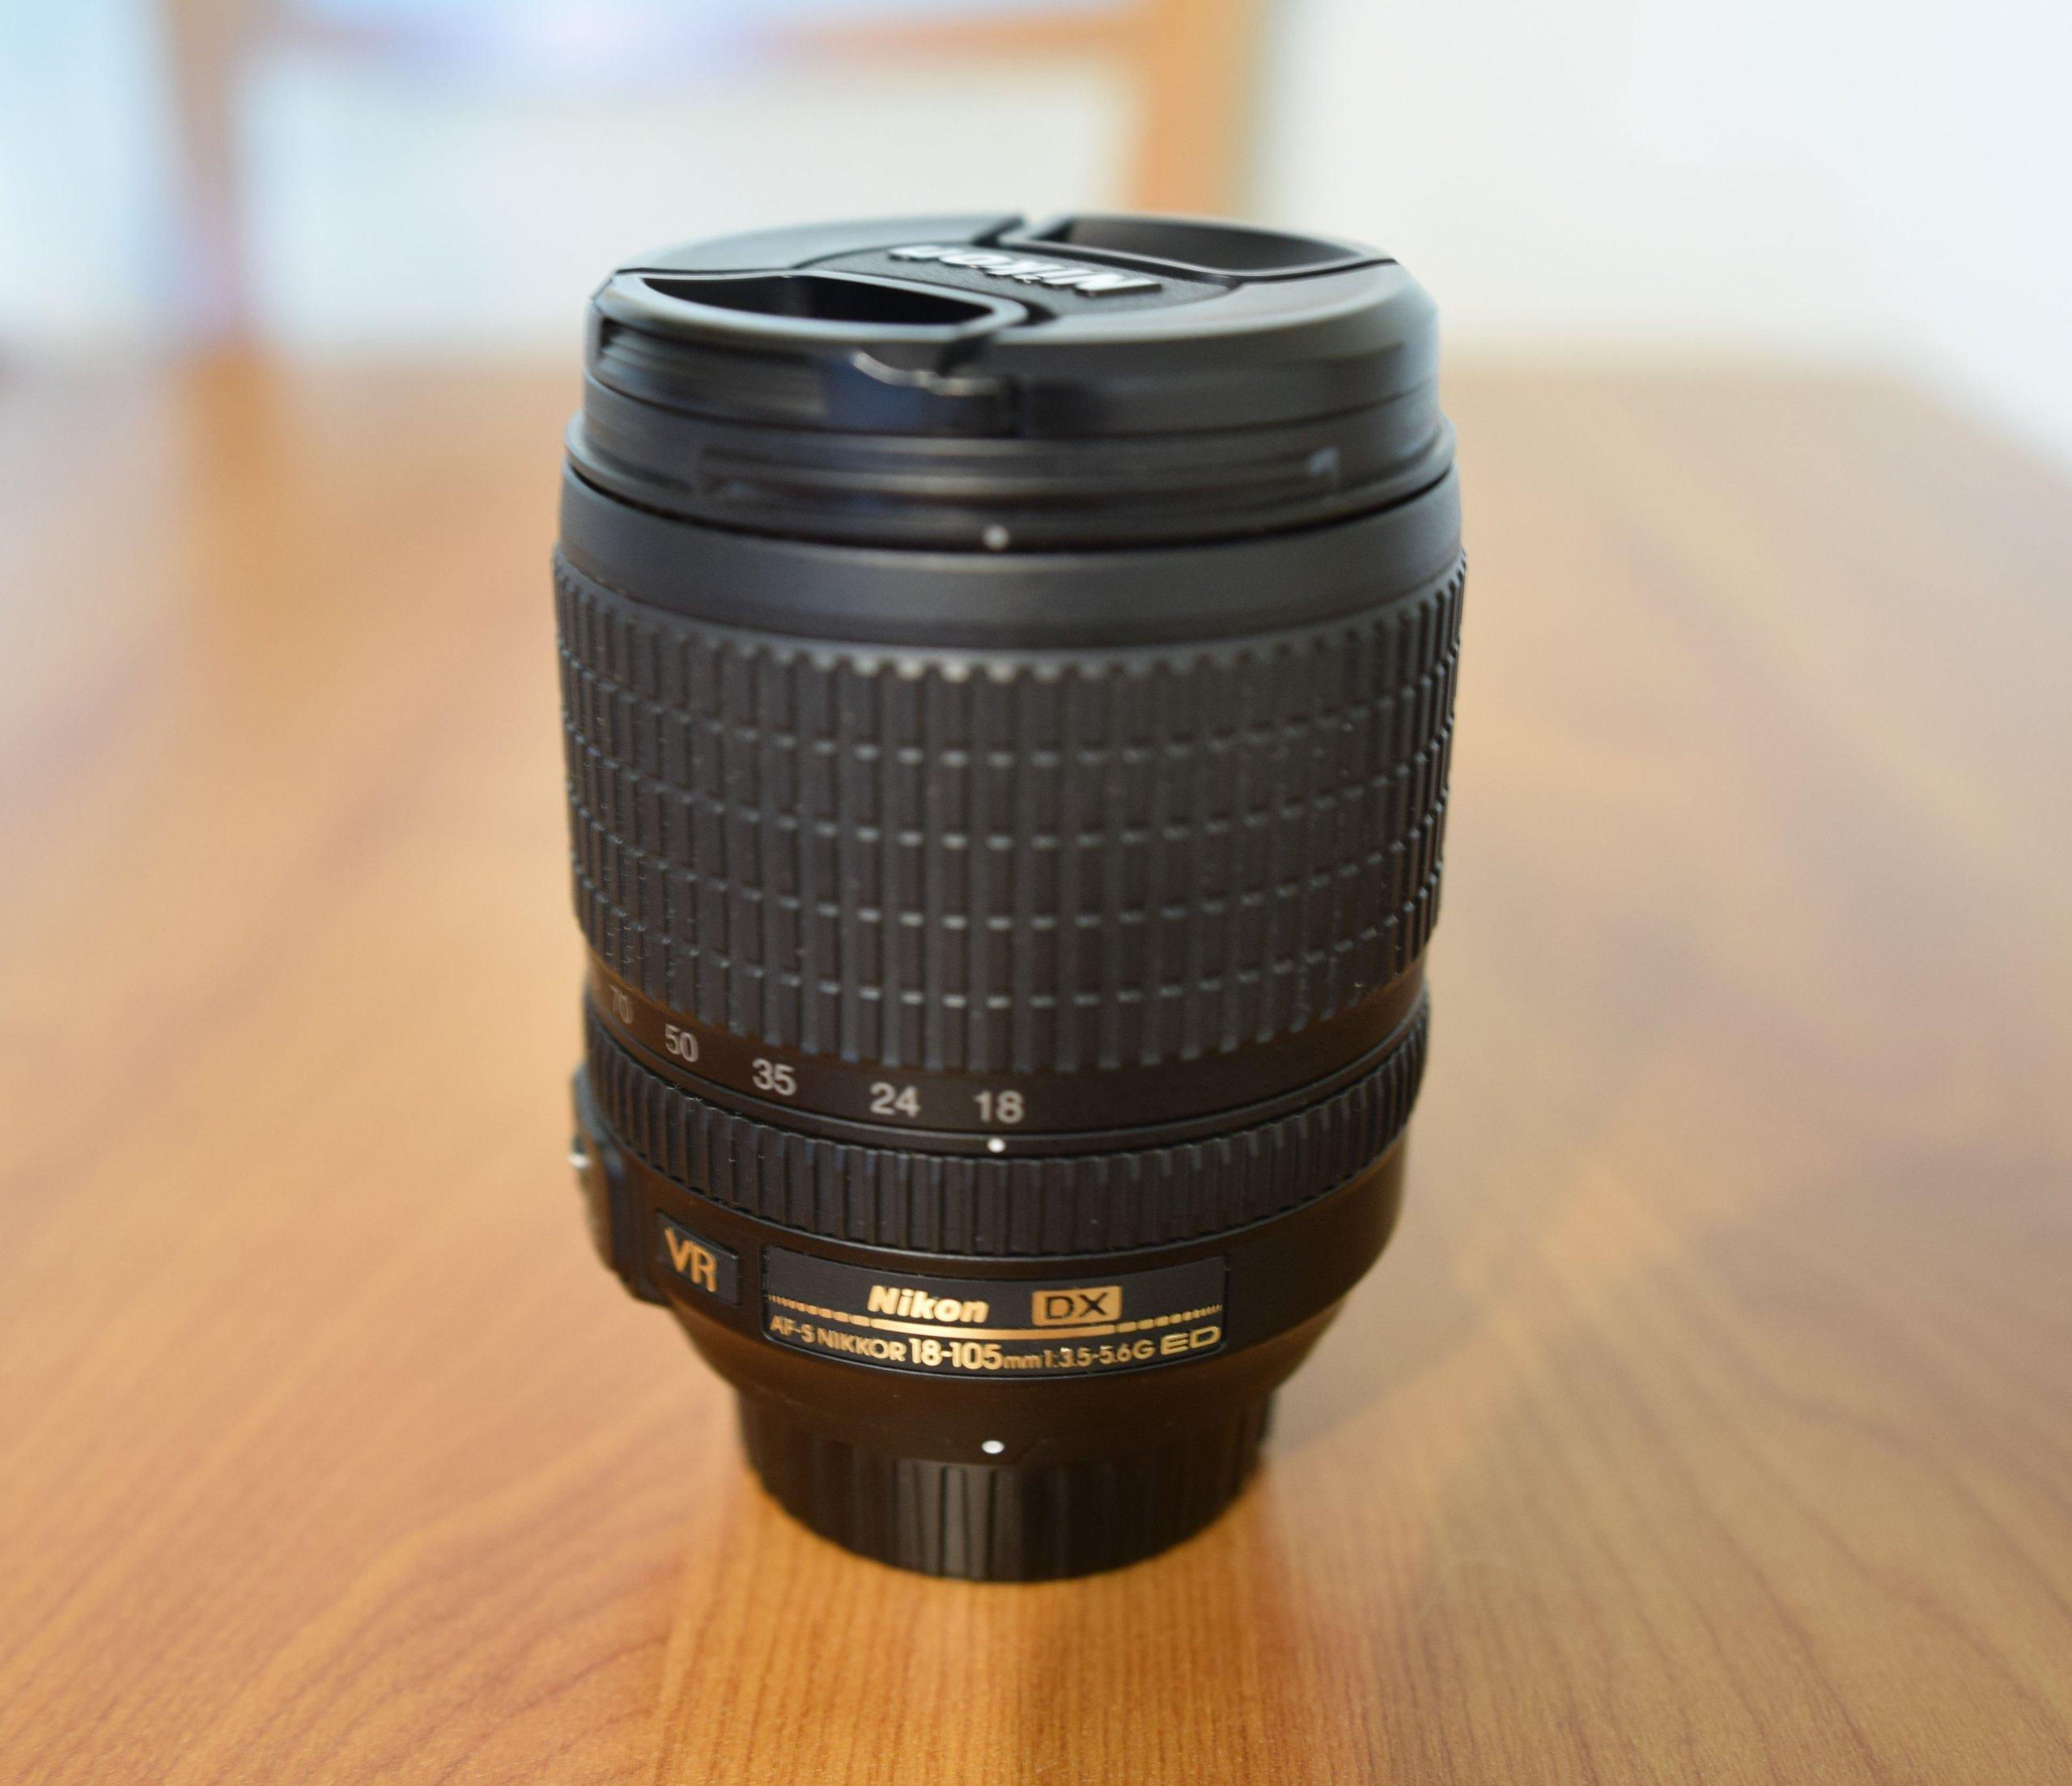 Obiektyw Nikkor Af S Dx 18 105 Mm G Ed Vr Nikon 7372334991 55 300mm F 45 56g